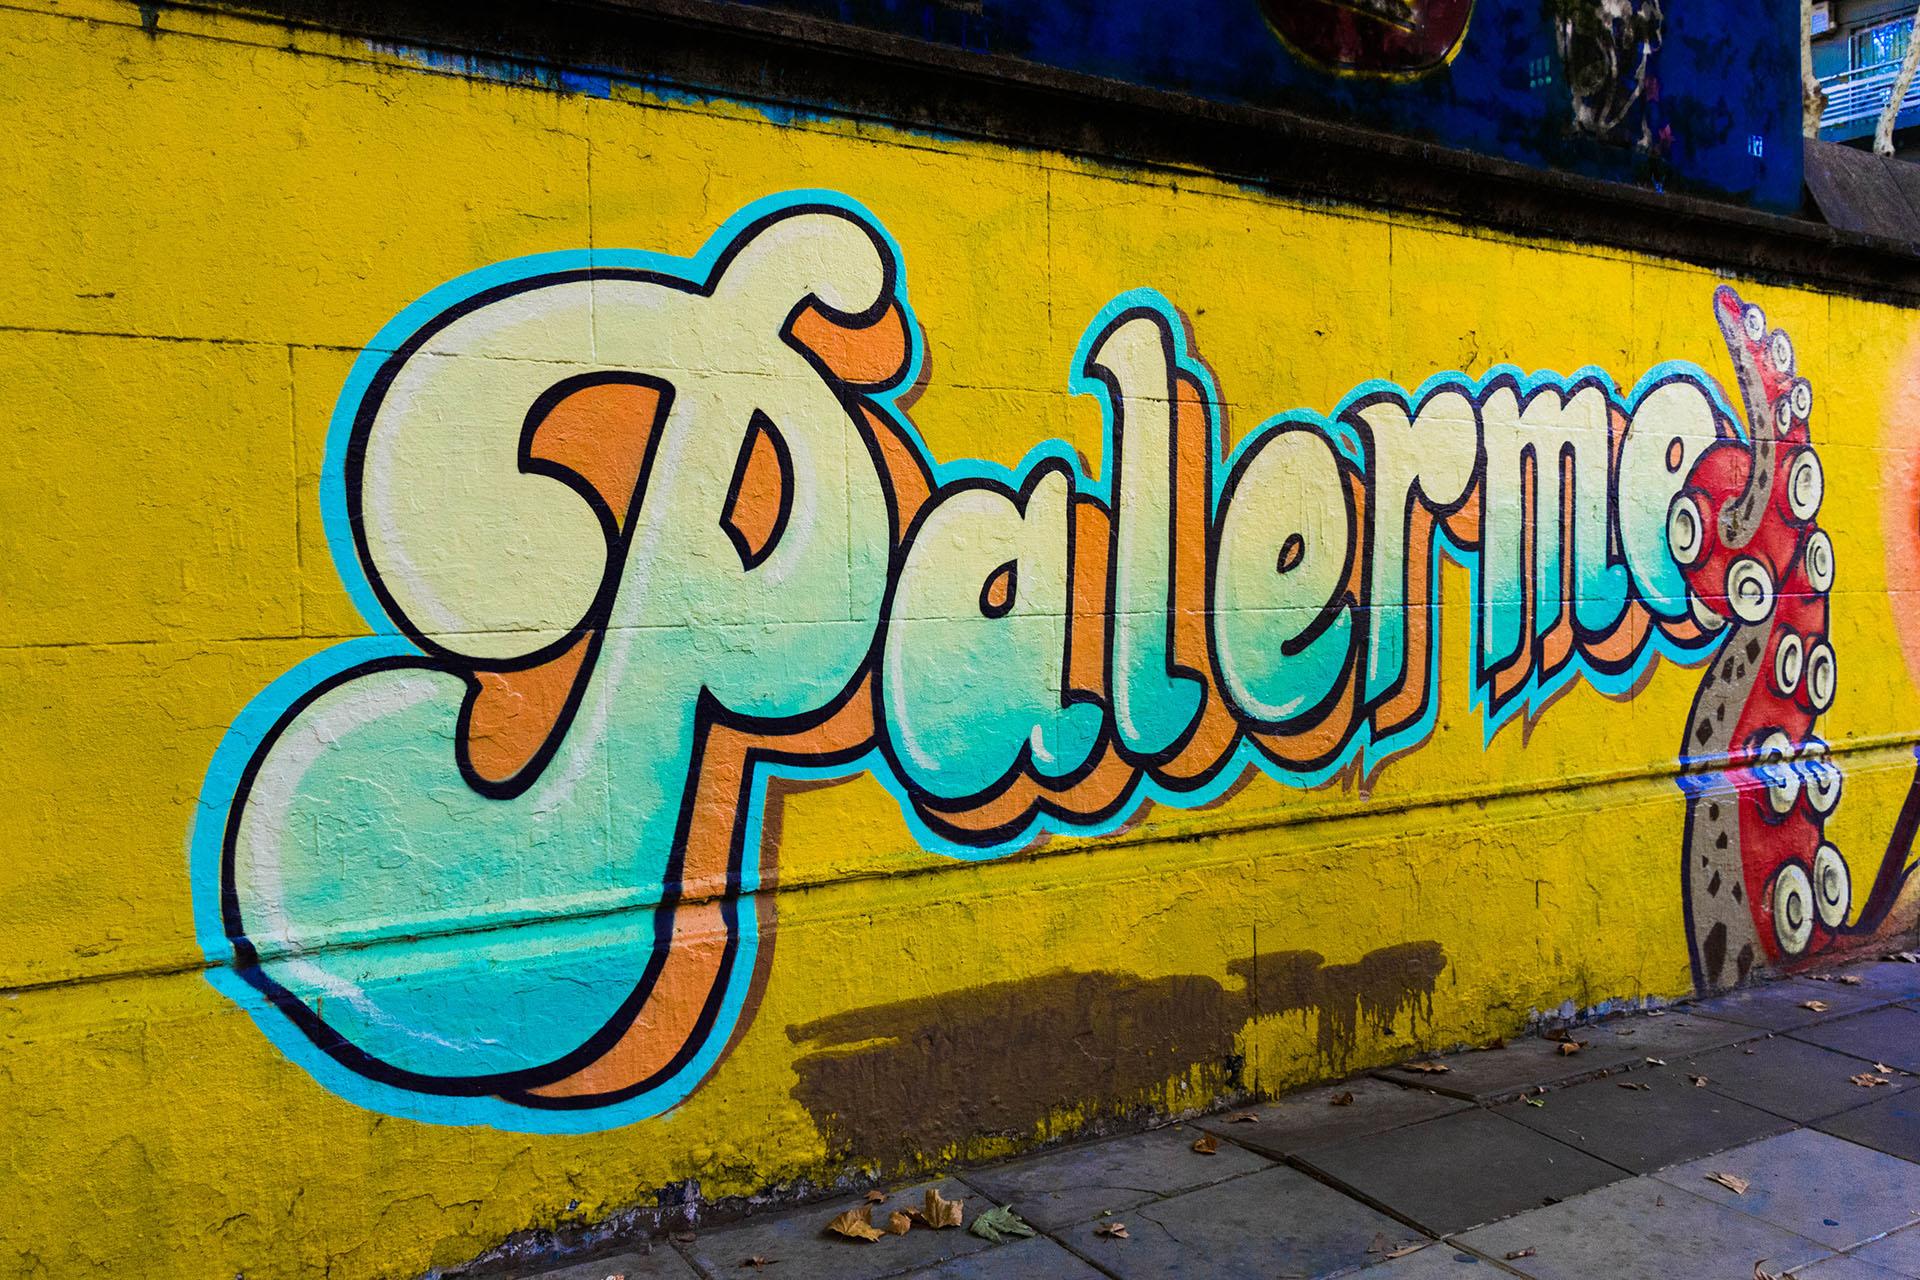 Una pared colorida, en el corazón del barrio más vibrante de la ciudad